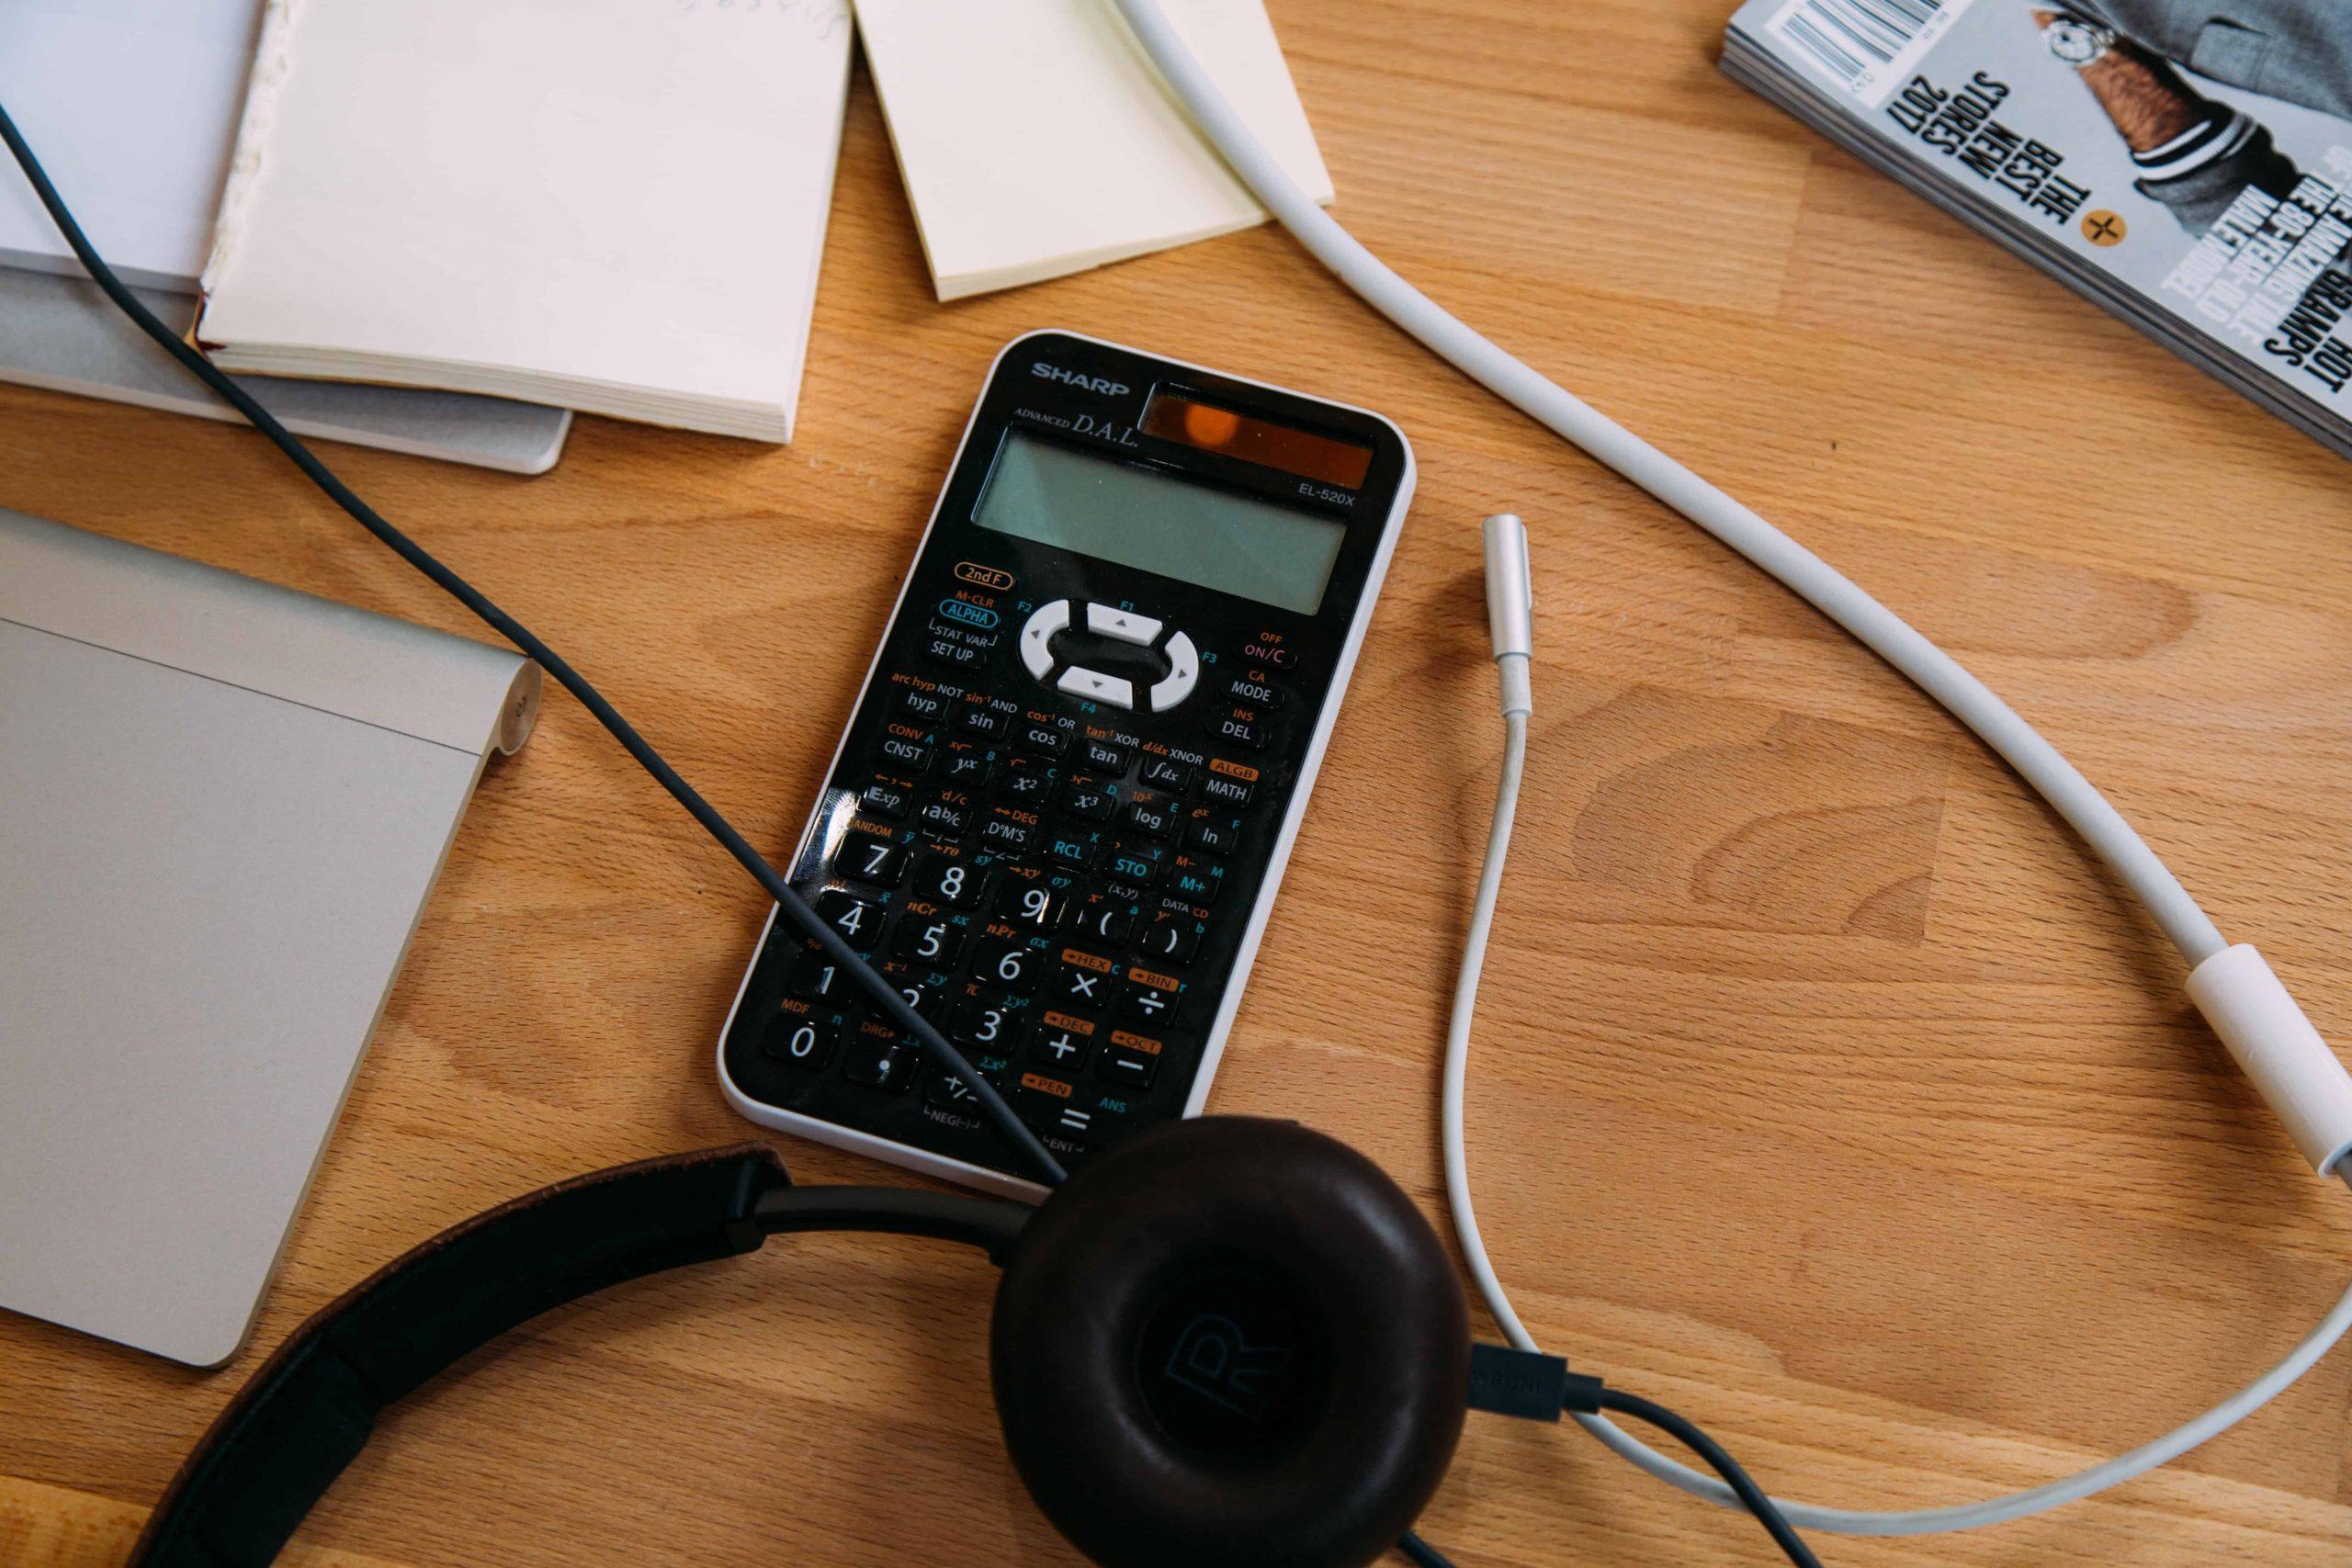 Taschenrechner: Test & Empfehlungen (09/20)